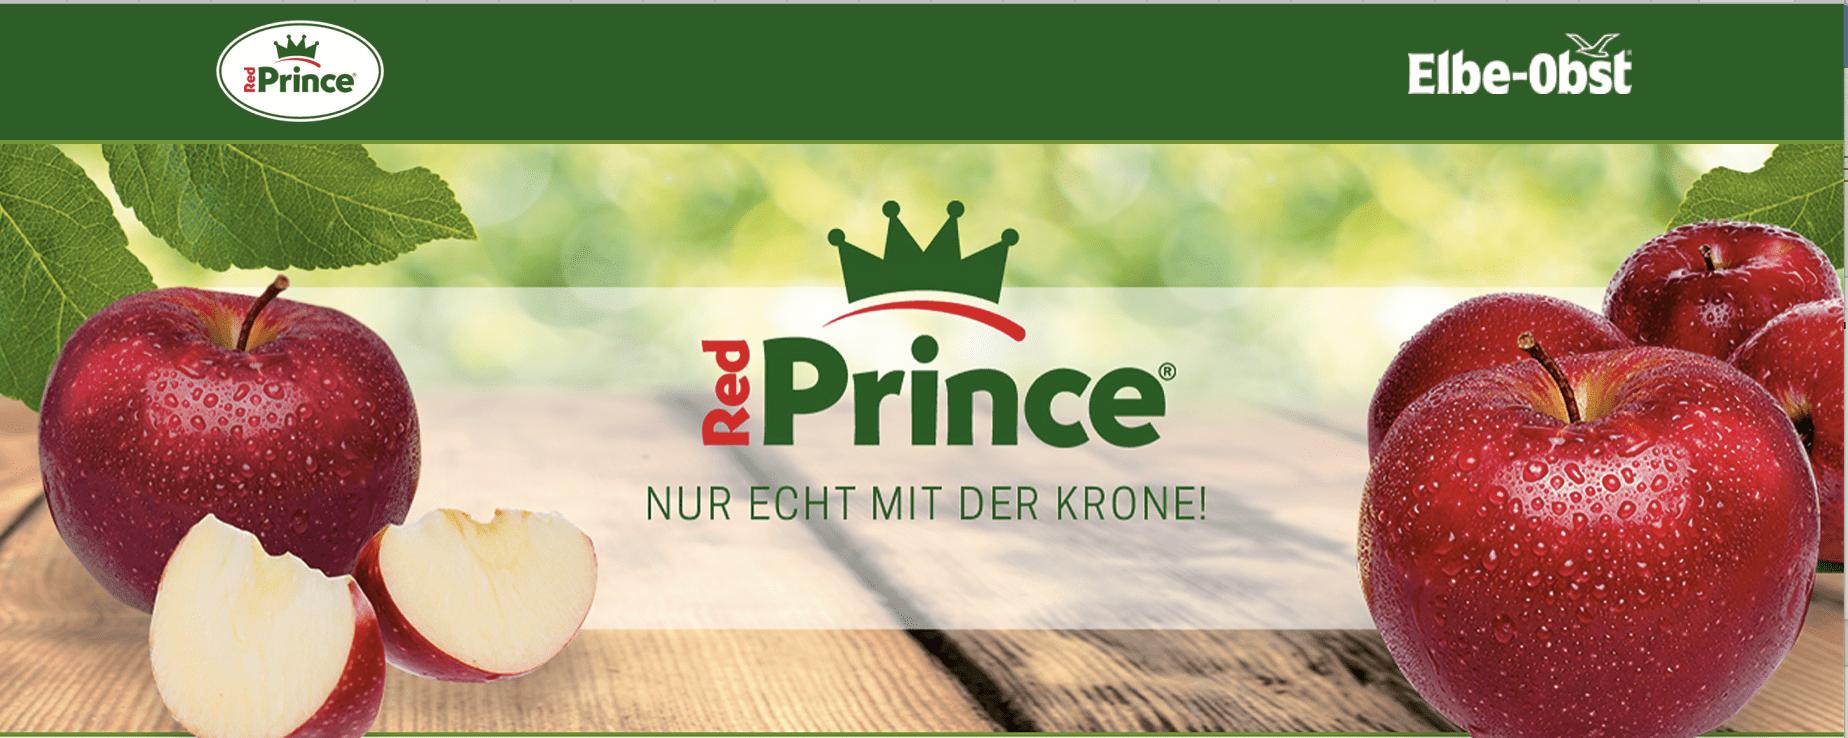 """Gewinnspiel-Cases """"FMCG Food"""" Elbe-Obst"""